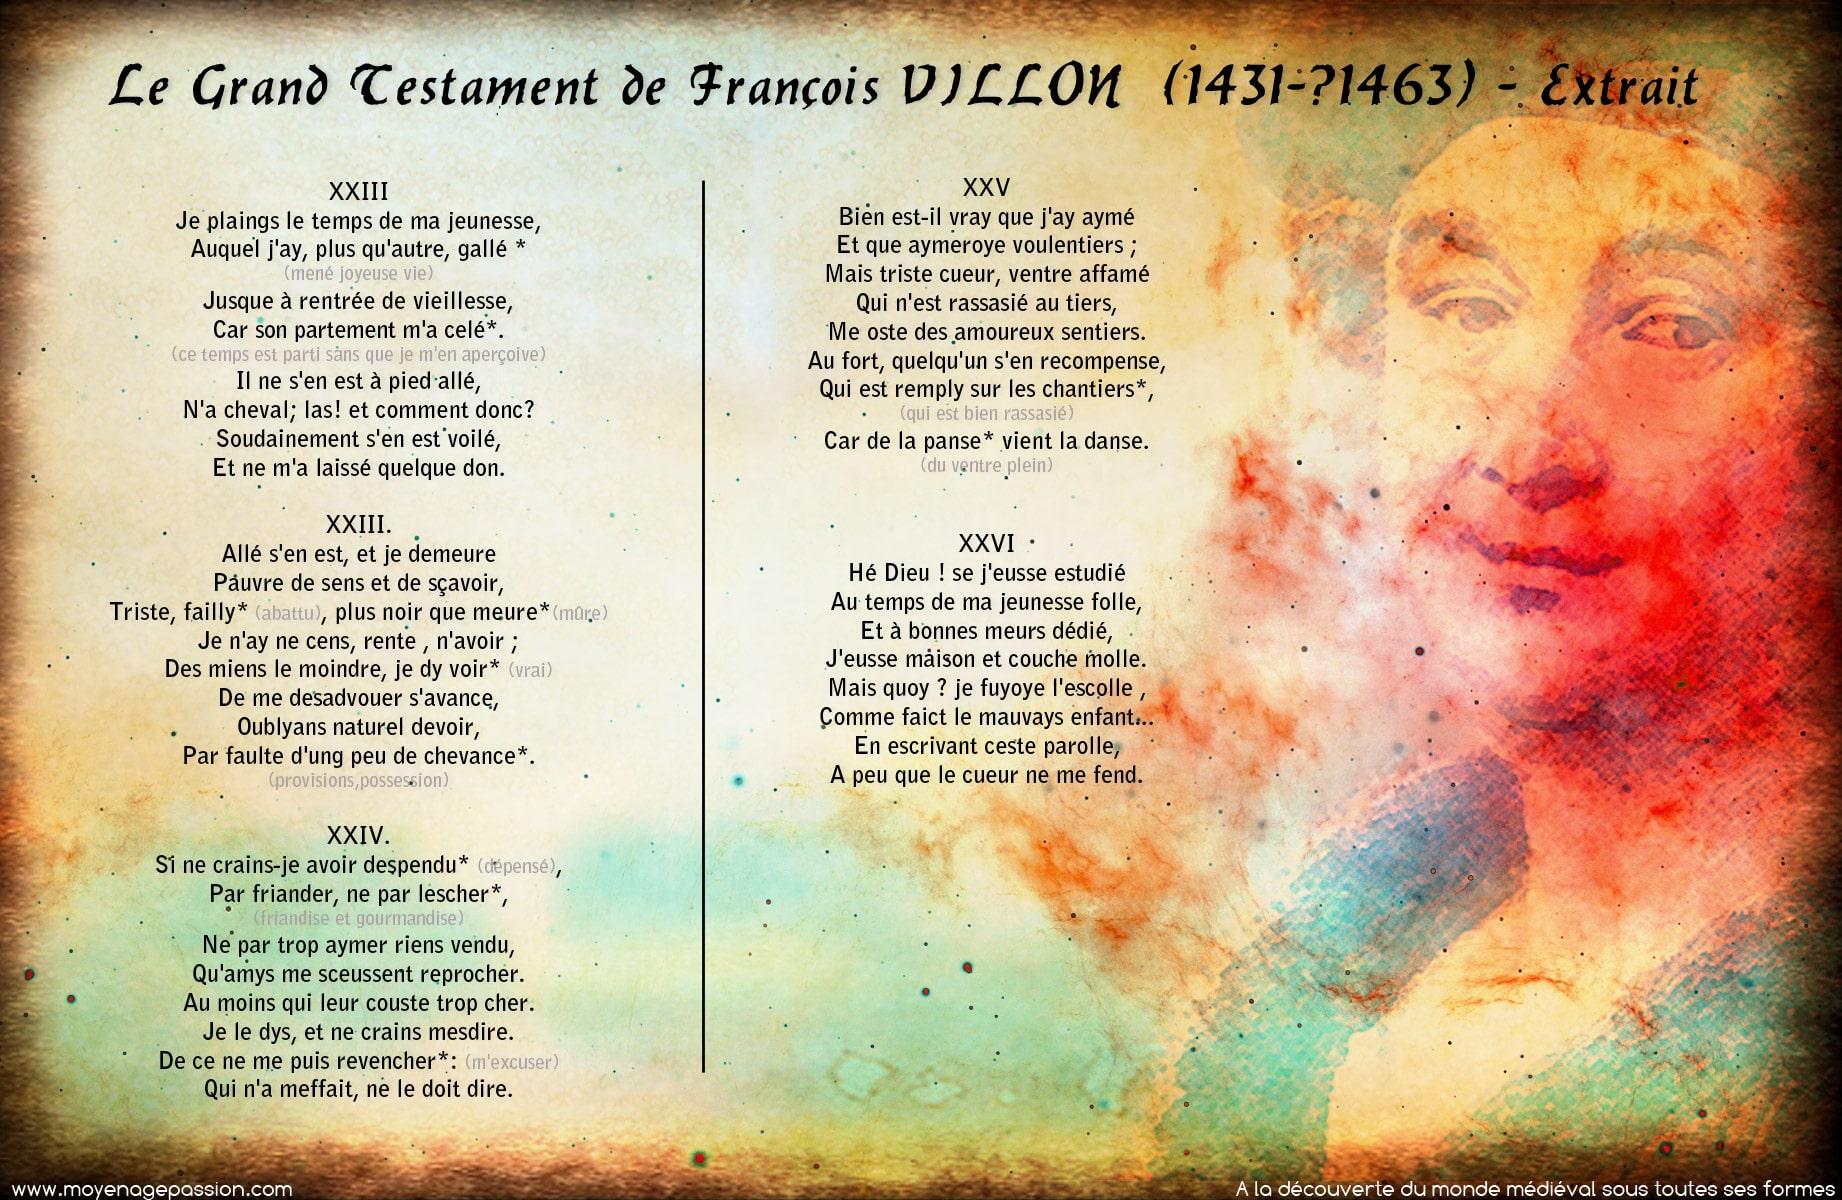 francois_villon_grand_testament_extrait_poesie_medievale_moyen-age_tardif_jeunesse_temps